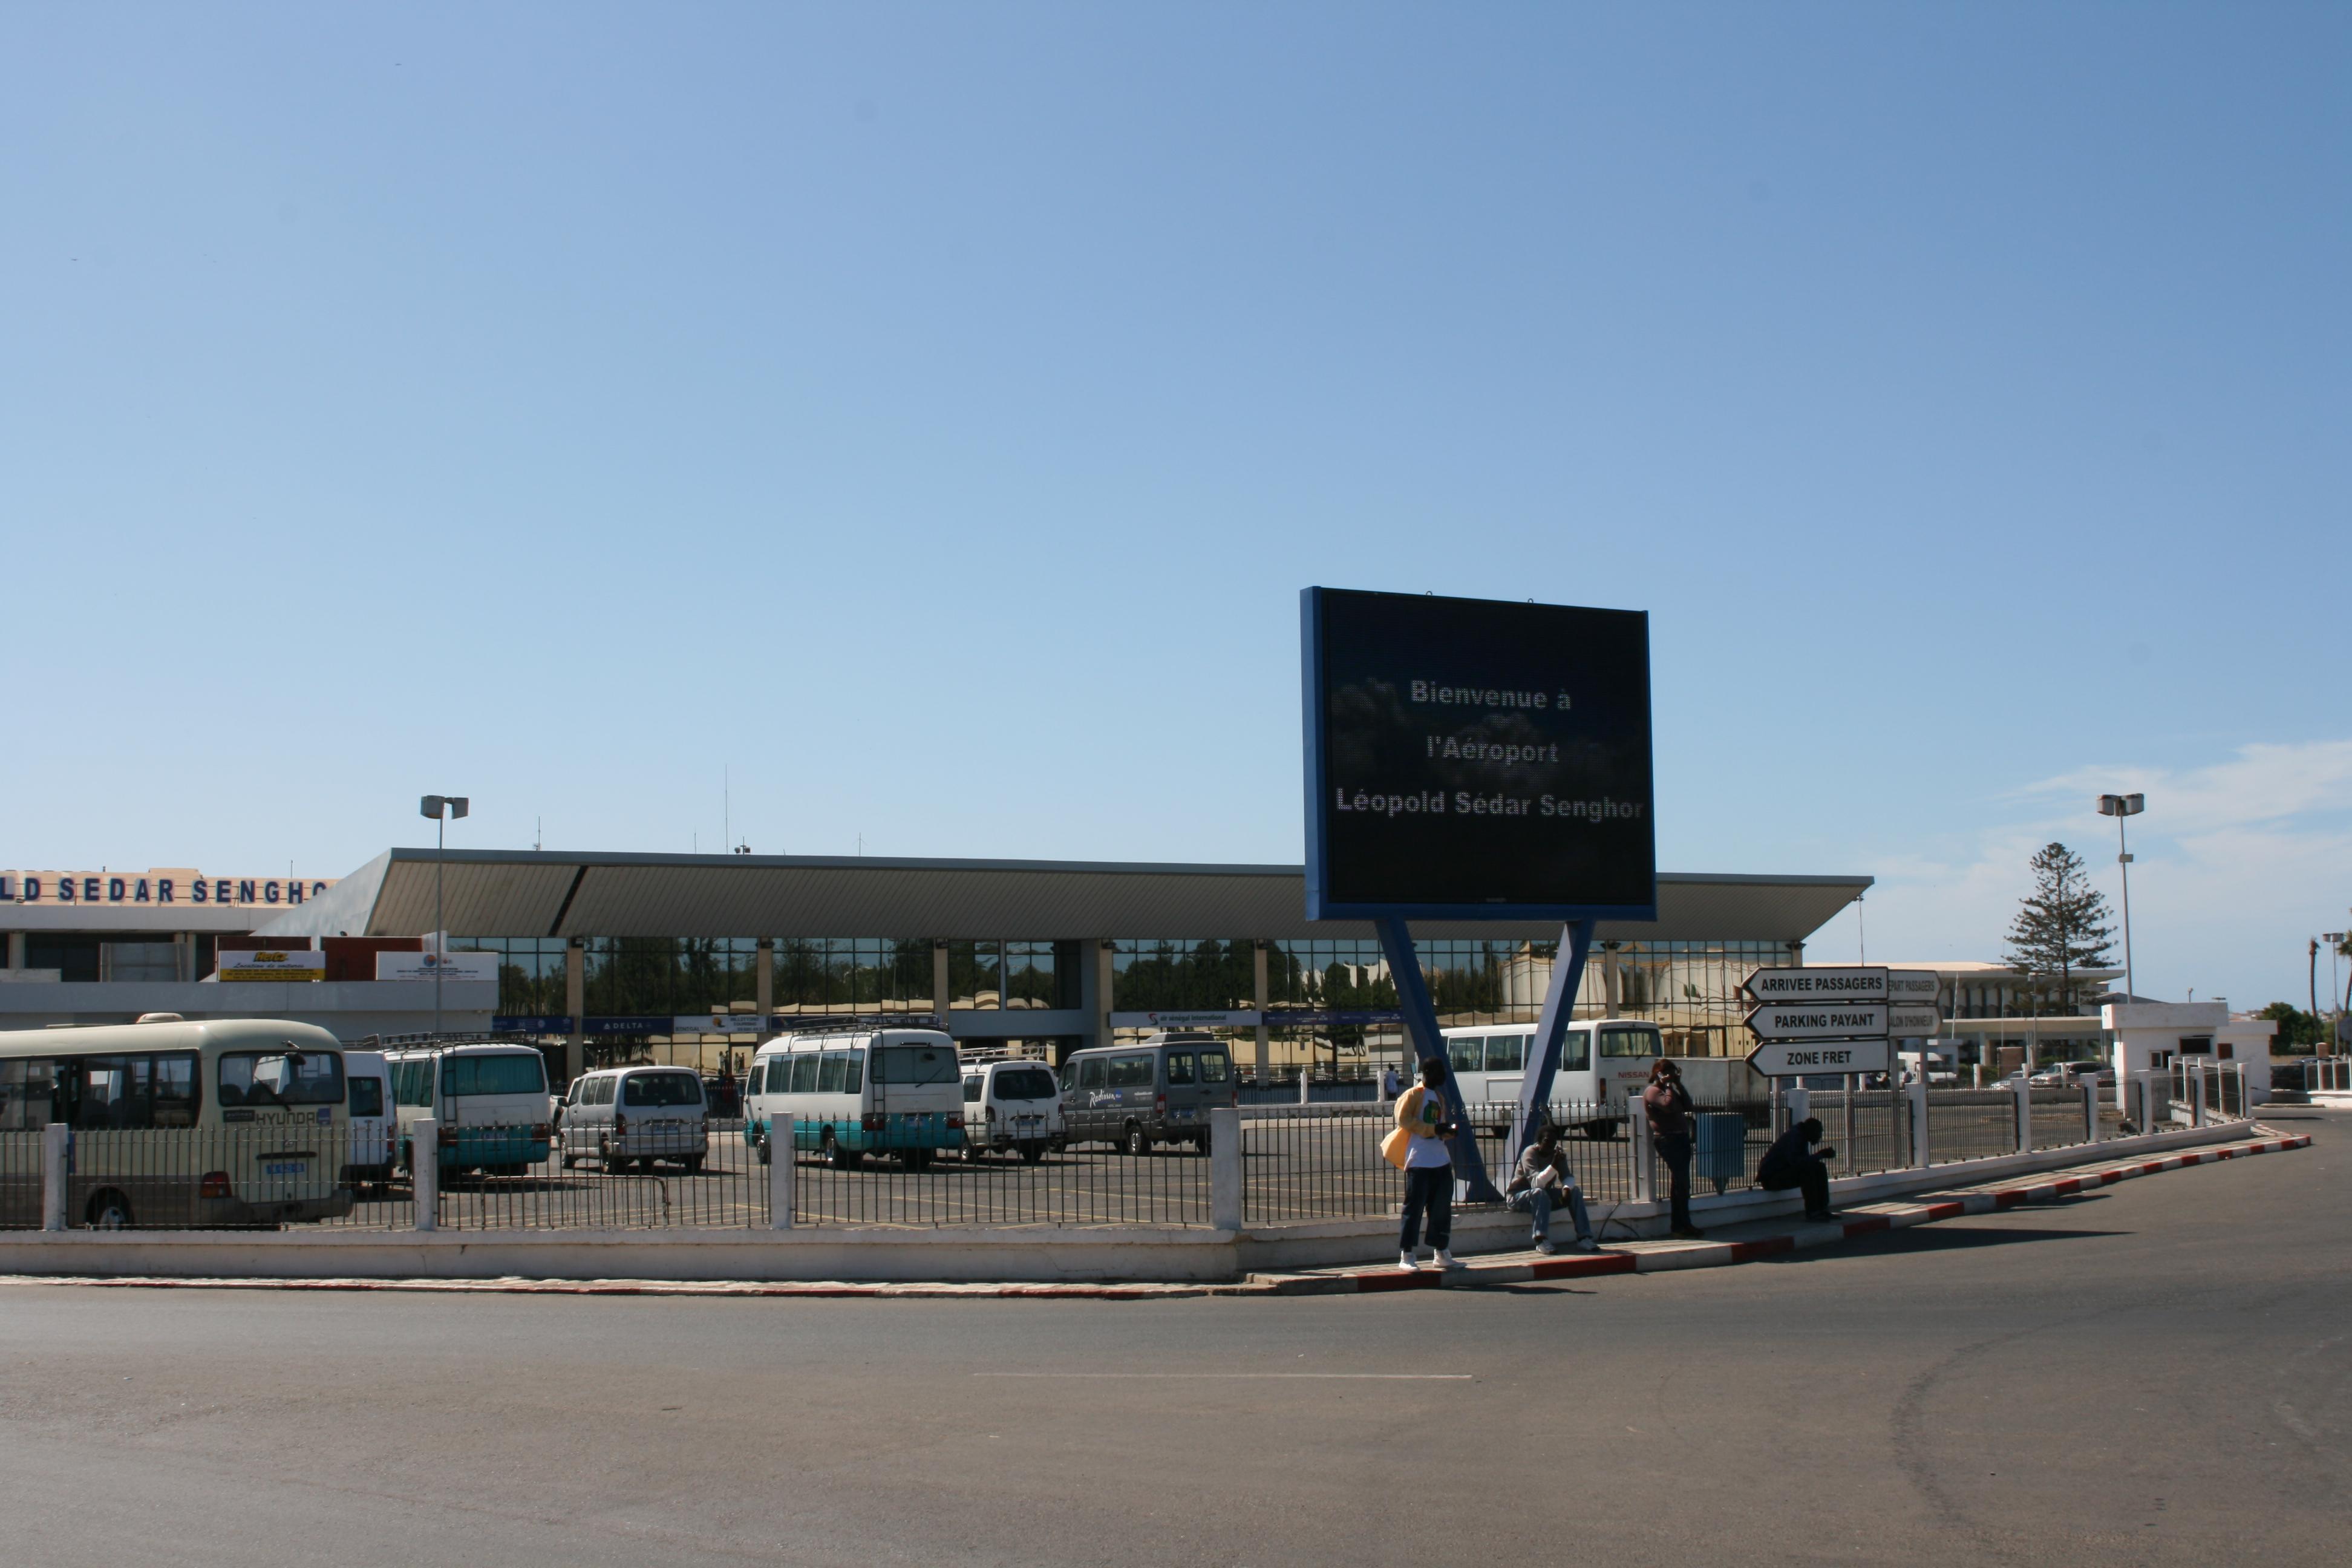 Renforcement du dispositif sécuritaire: Aéroport LSS se blinde contre Ebola